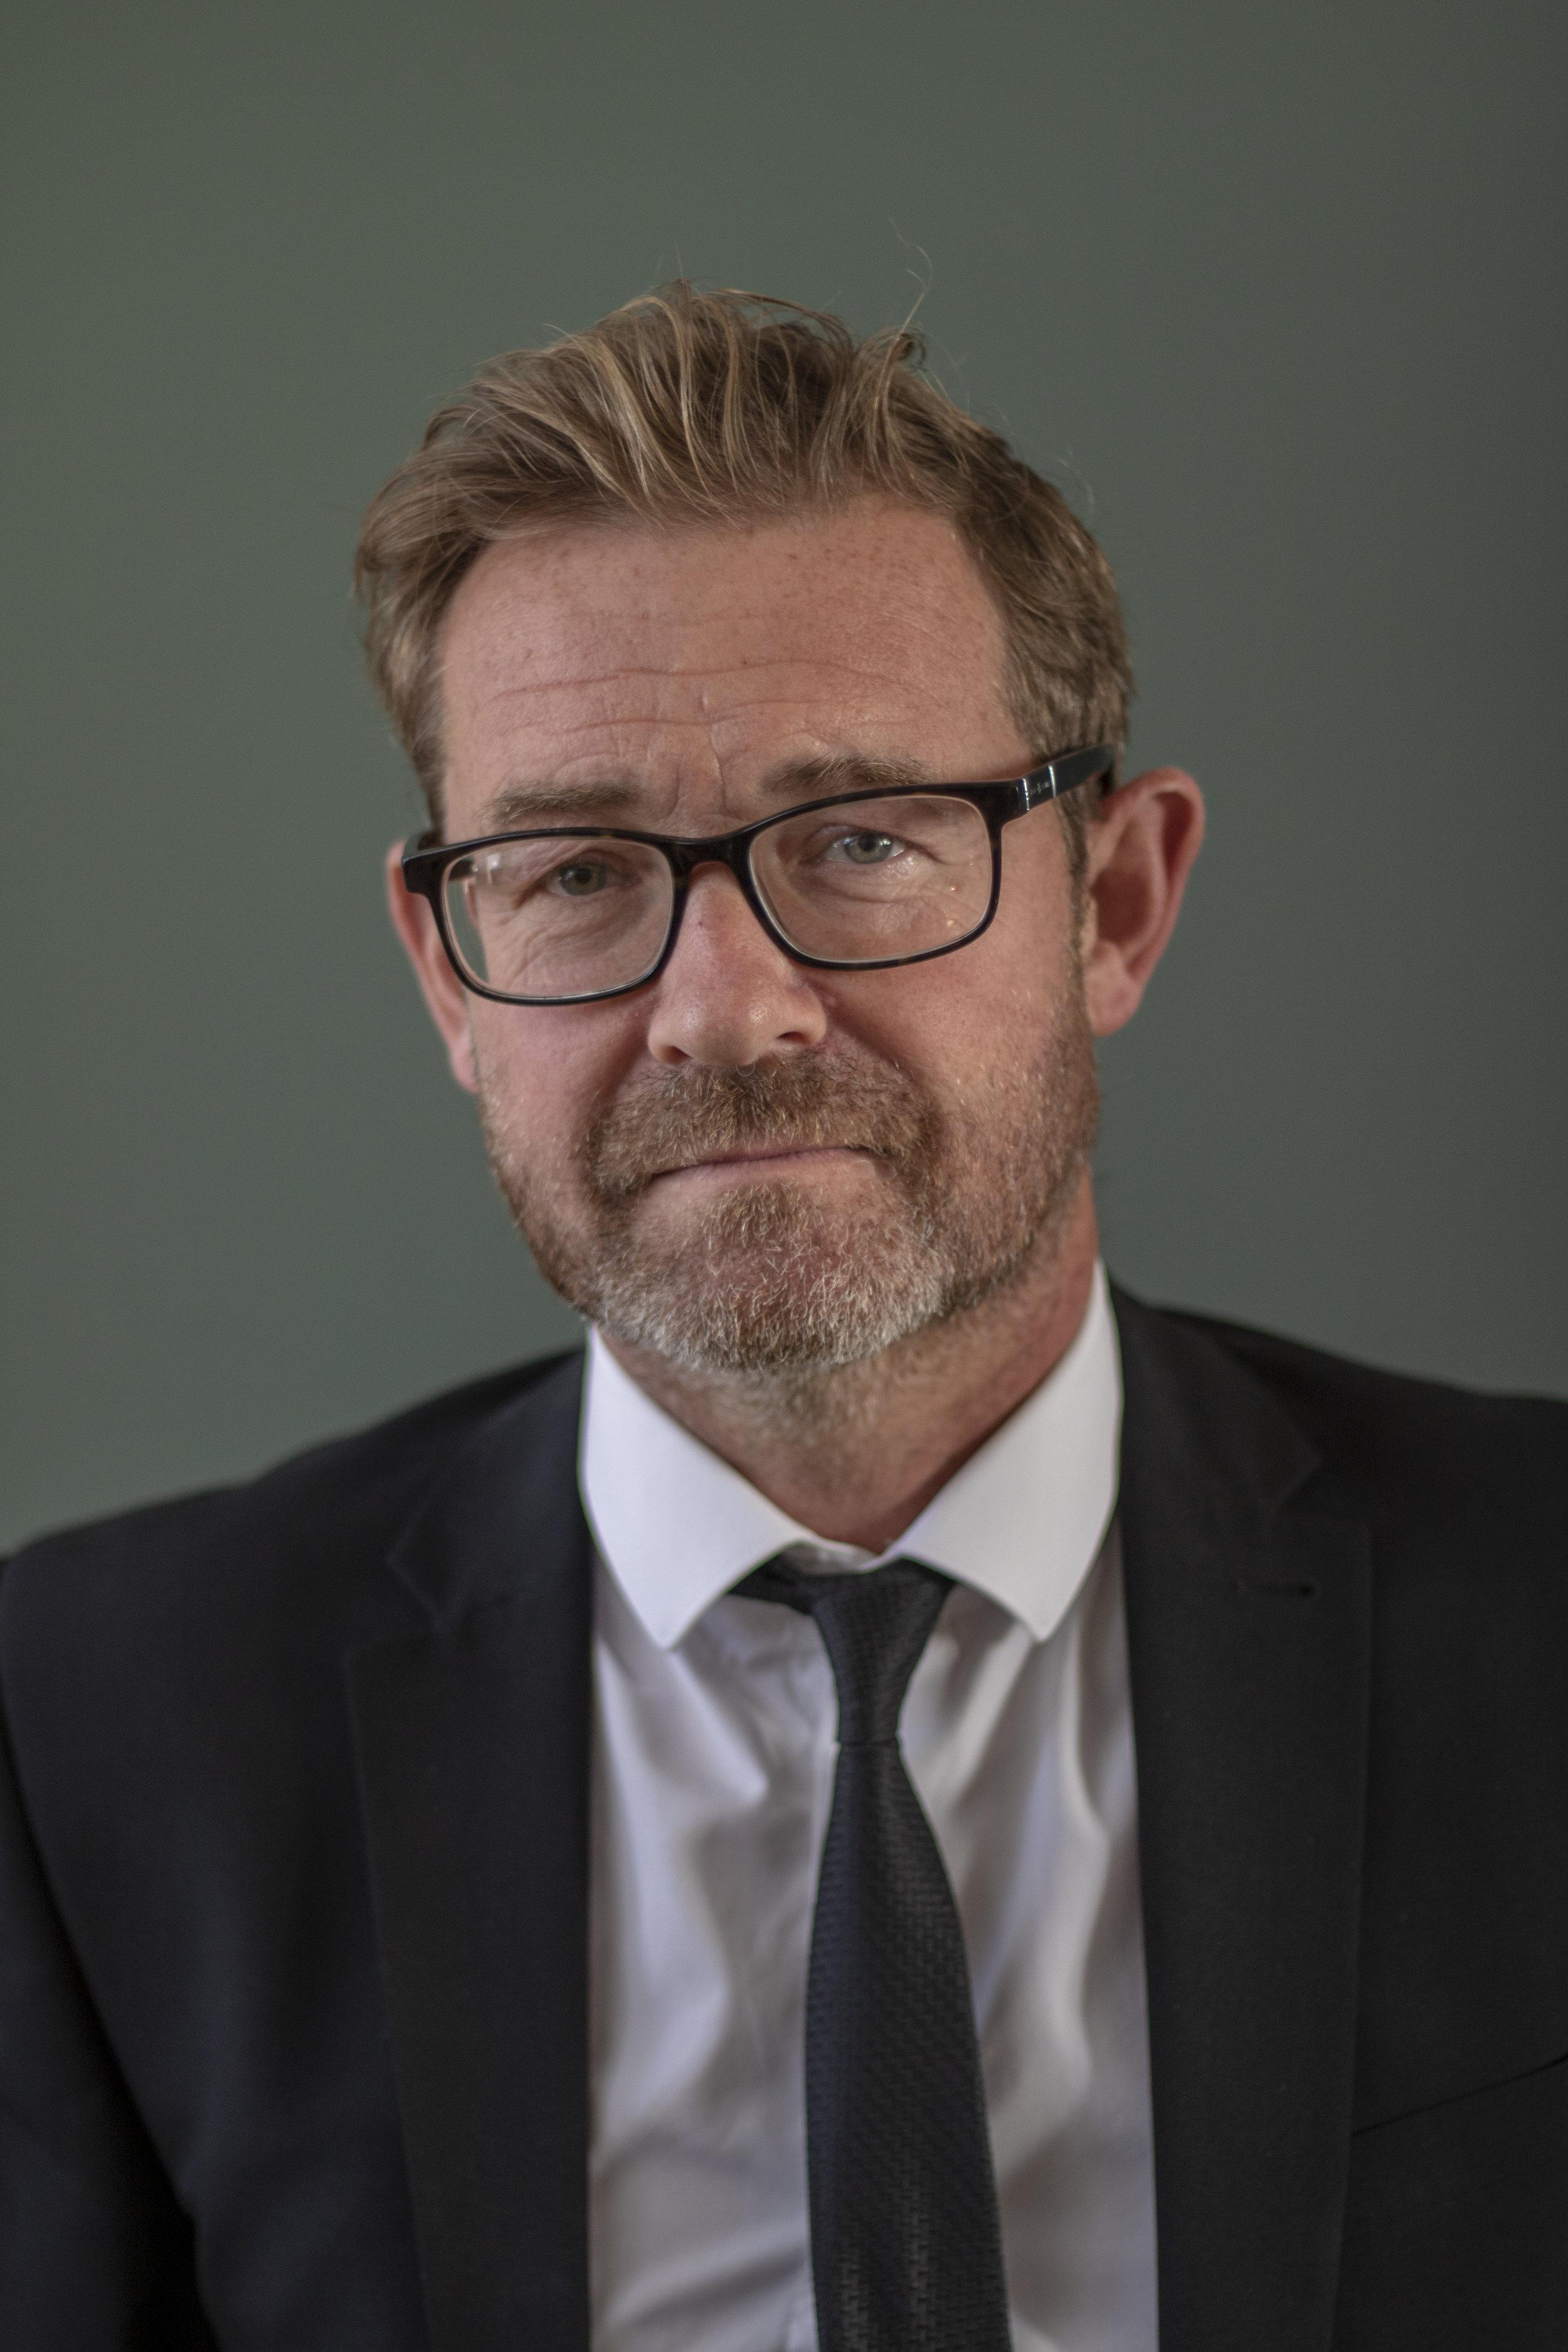 John MacIntyre - Trustee